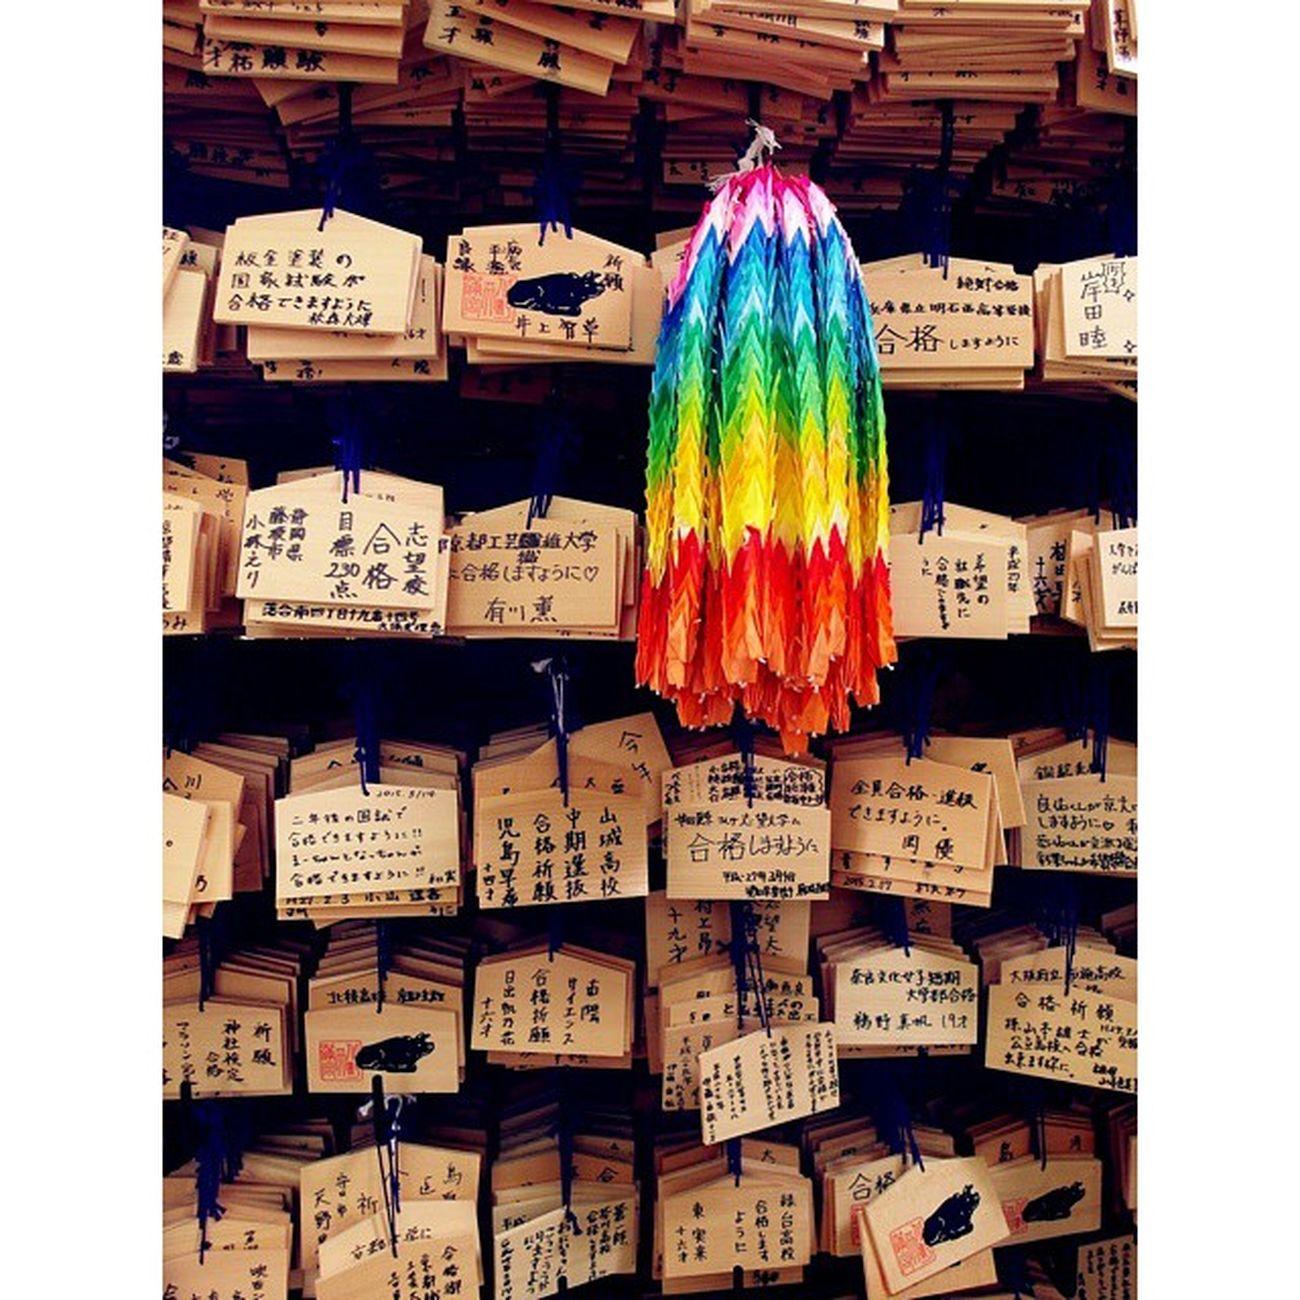 二条城 德川幕府 日本 京都 繪馬 千紙鶴 祈福 Kyoto Japenesestyle Japanesehouse Japen Pray Colorful